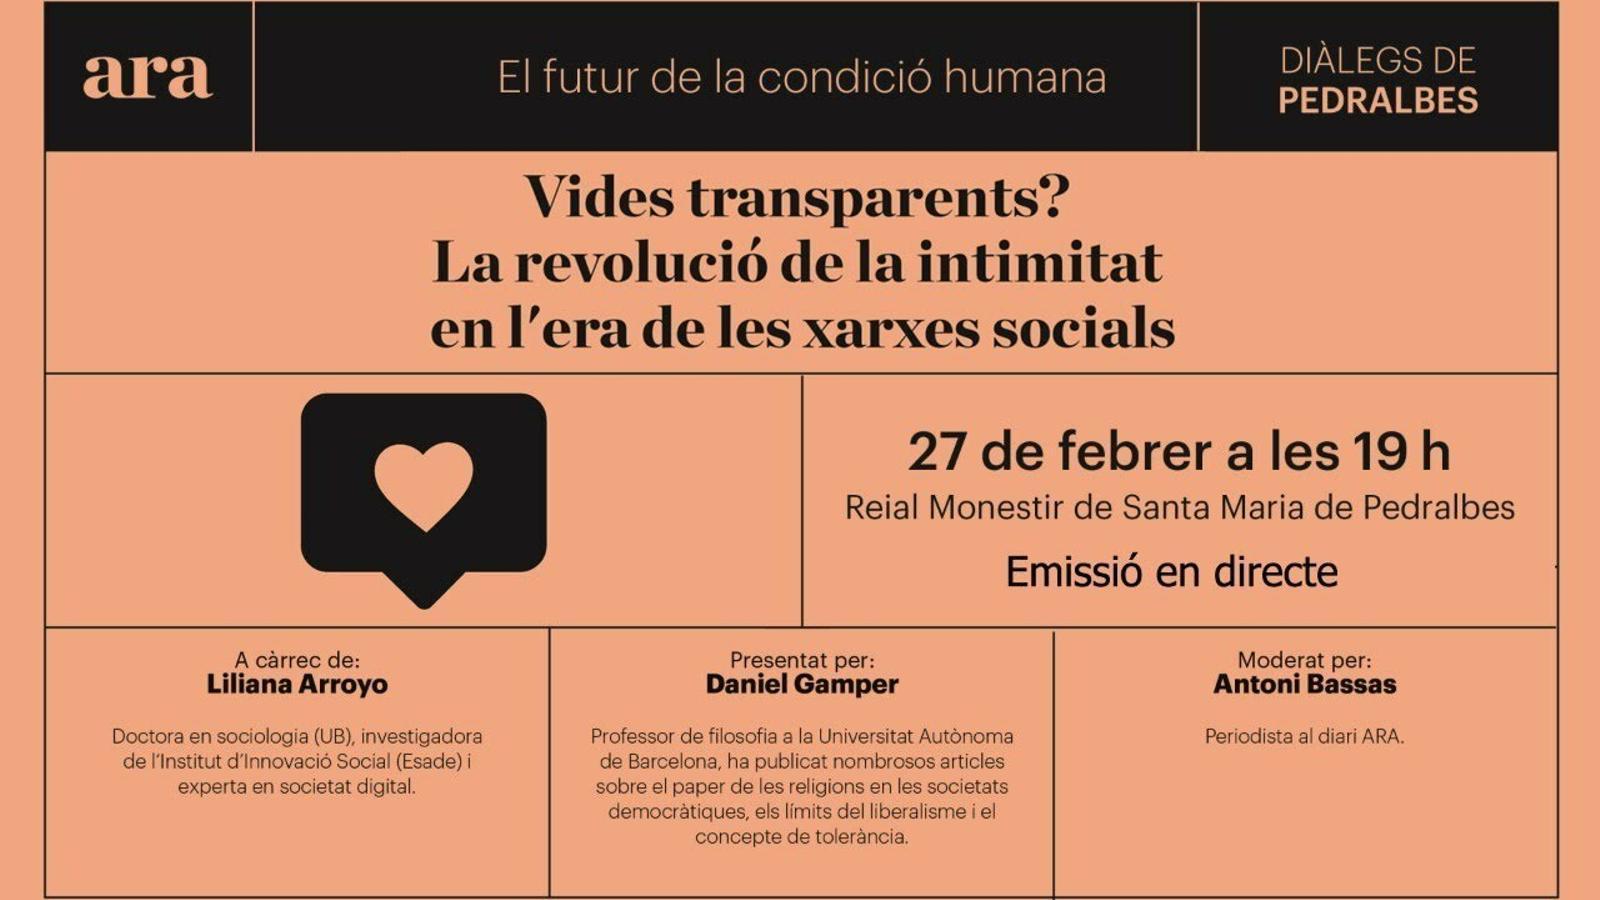 'La revolució de la intimitat en l'era de les xarxes socials': Liliana Arroyo obre els 'Diàlegs de Pedralbes'